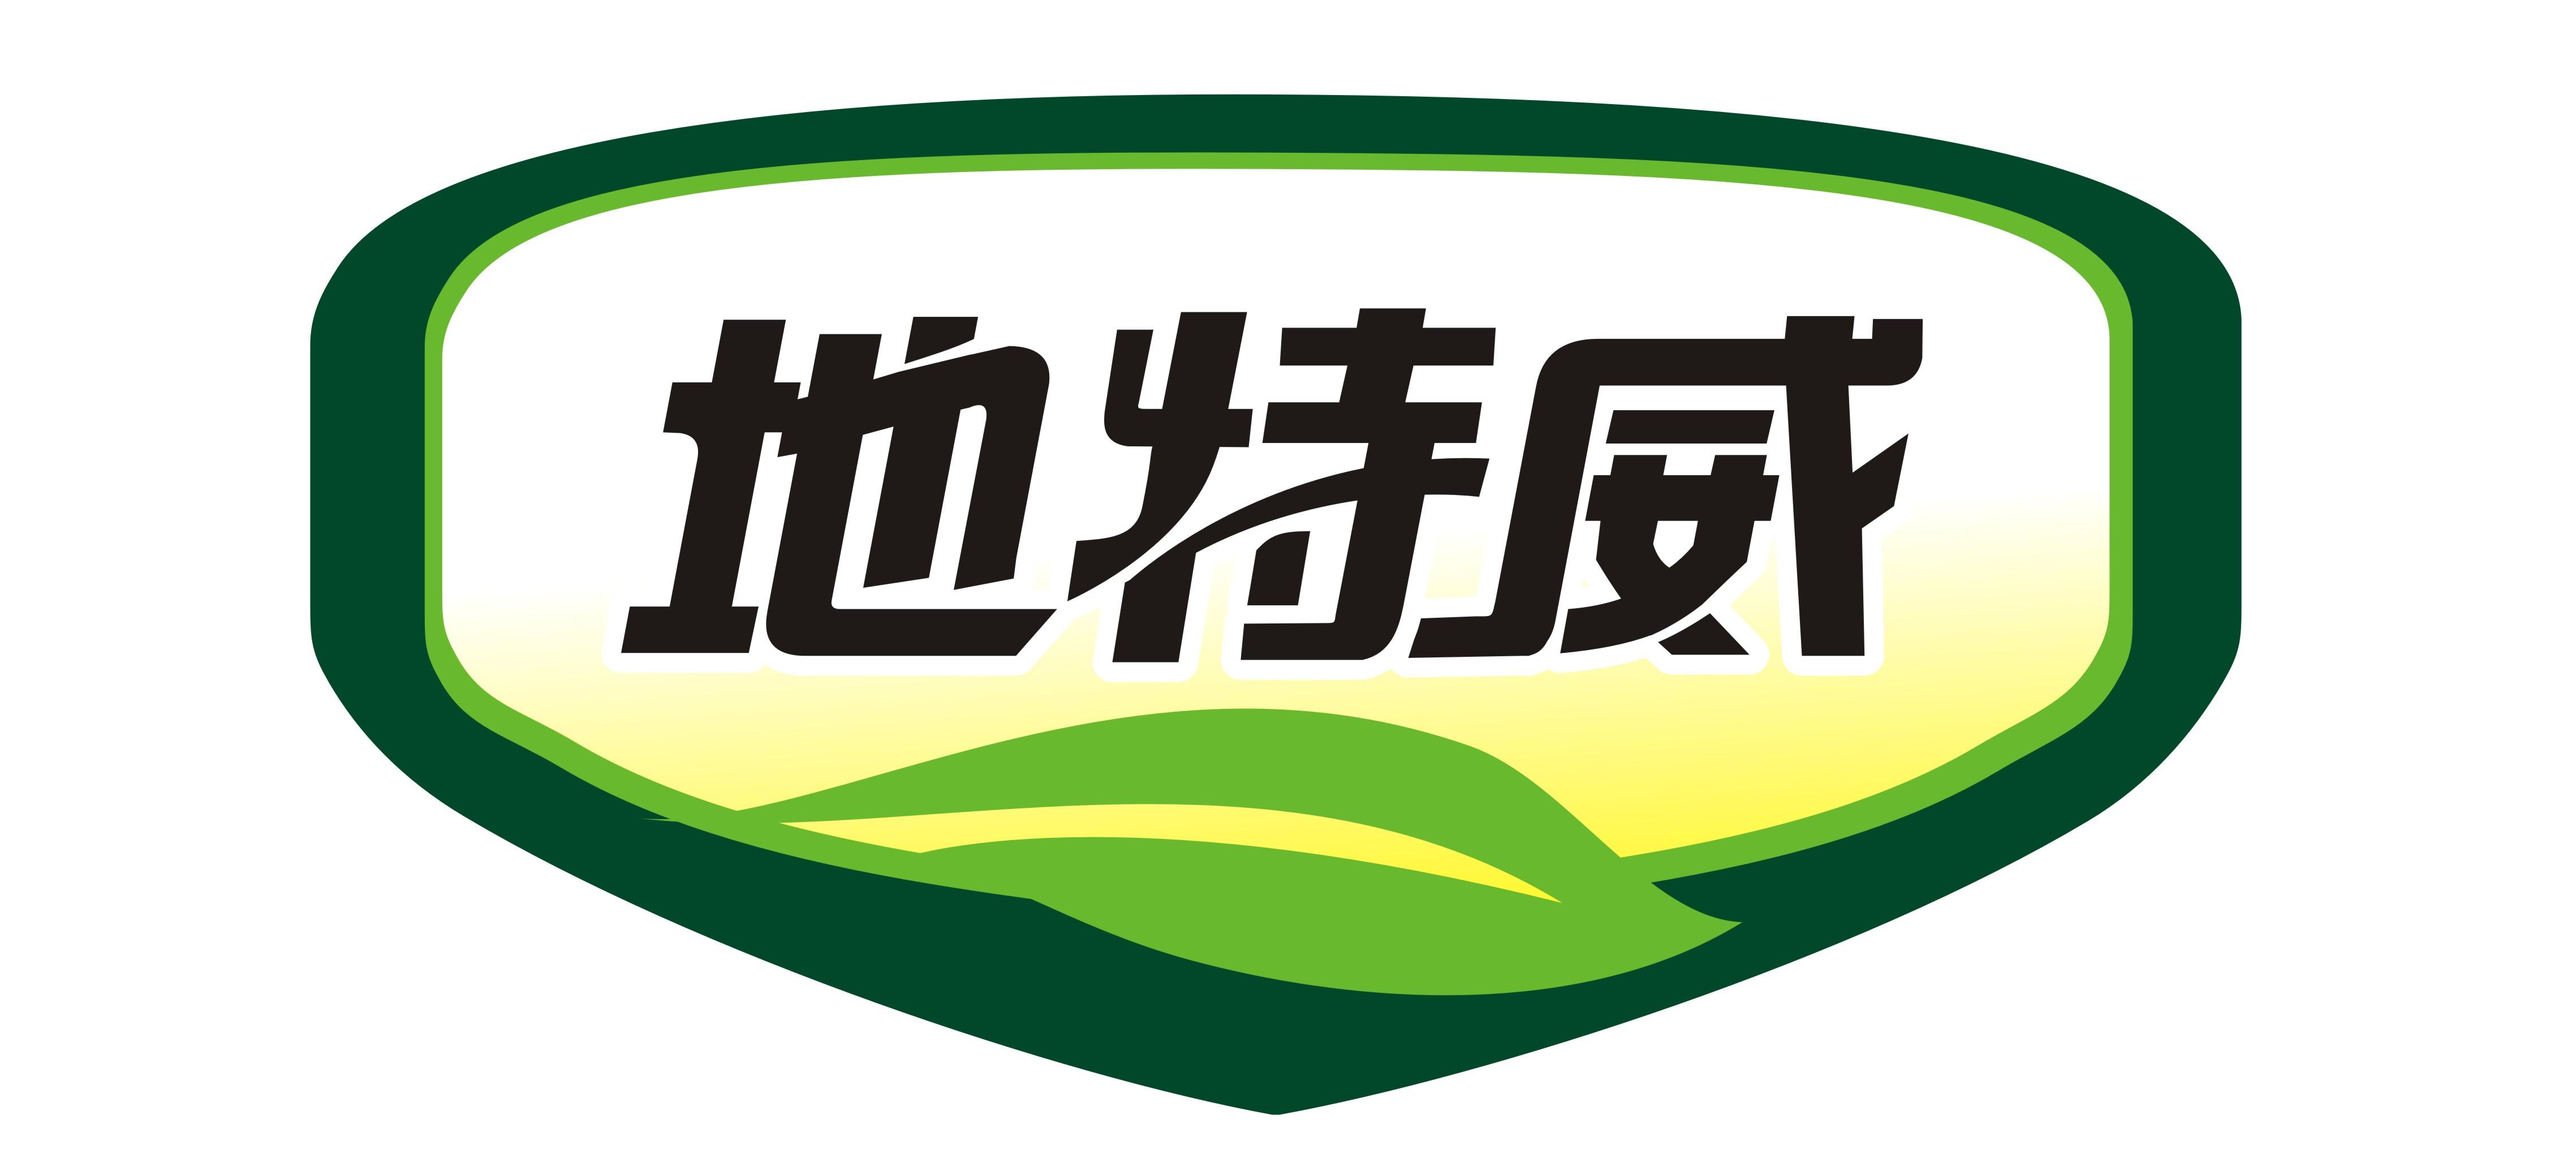 去年贵州省破经济犯罪案件2846起 非法集资立案数和涉案金额连续3年双下降